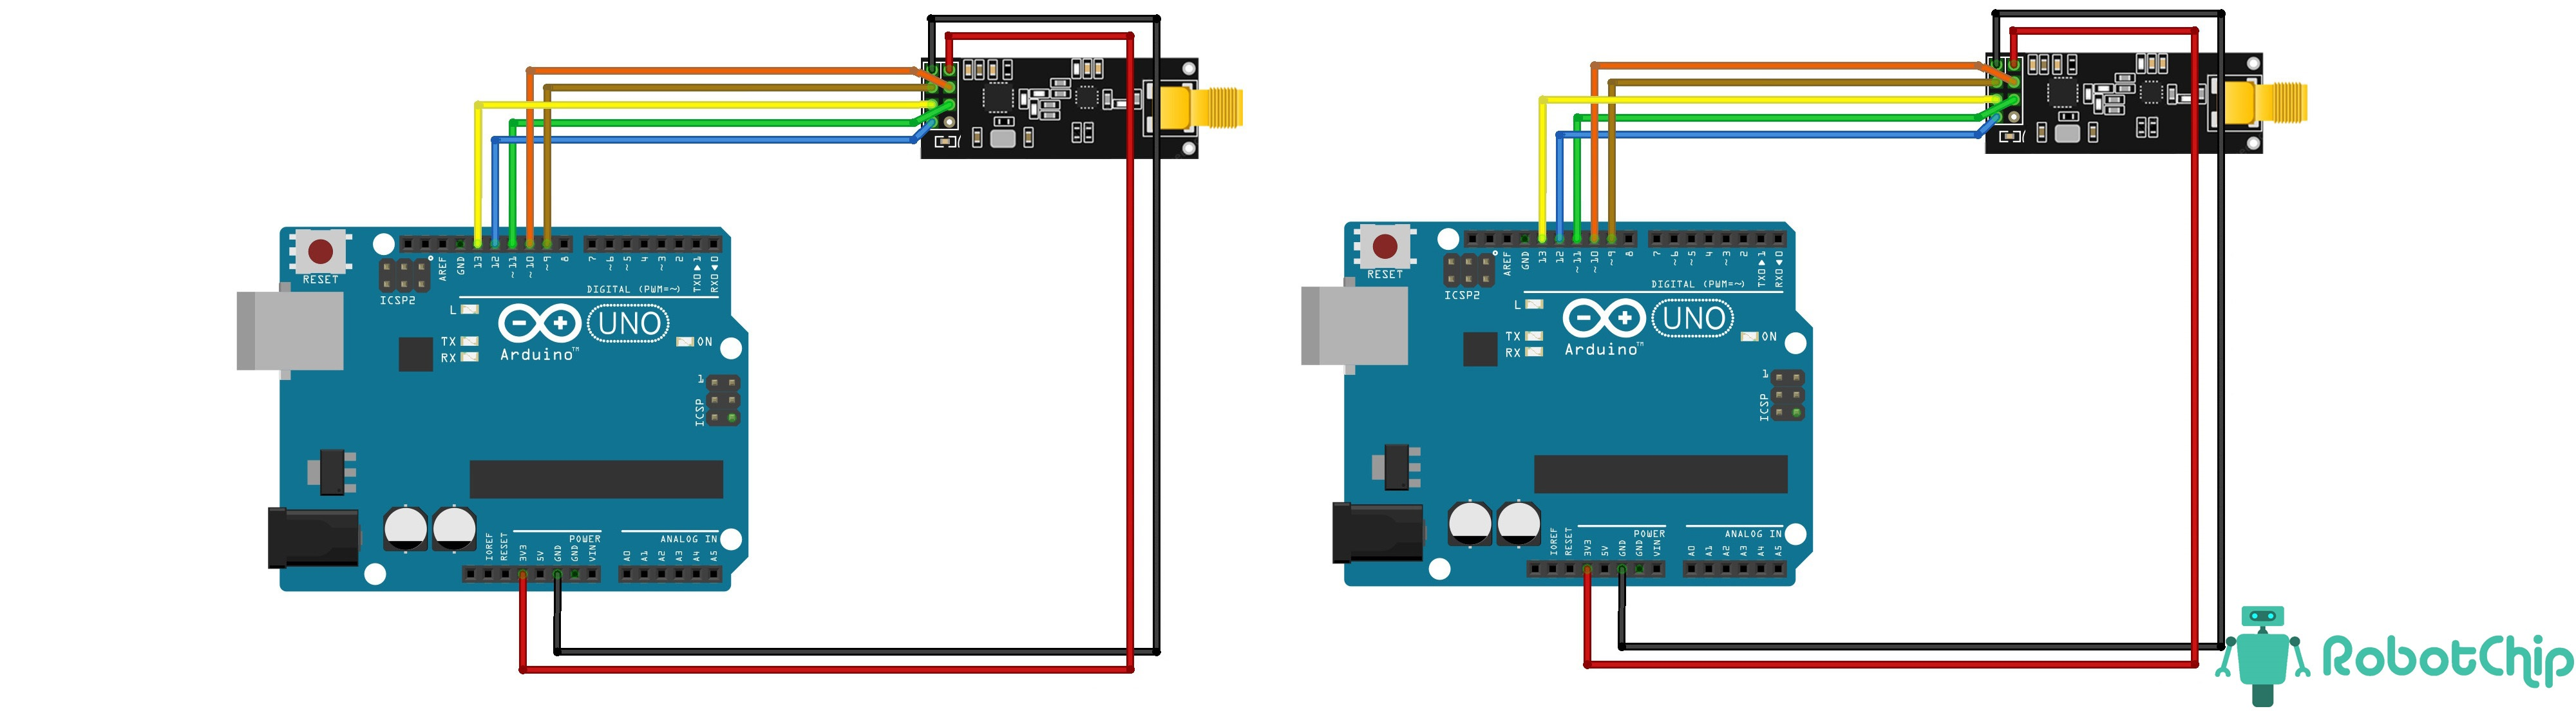 Подключение радиомодуля NRF24L01+PA+LNA к Arduino